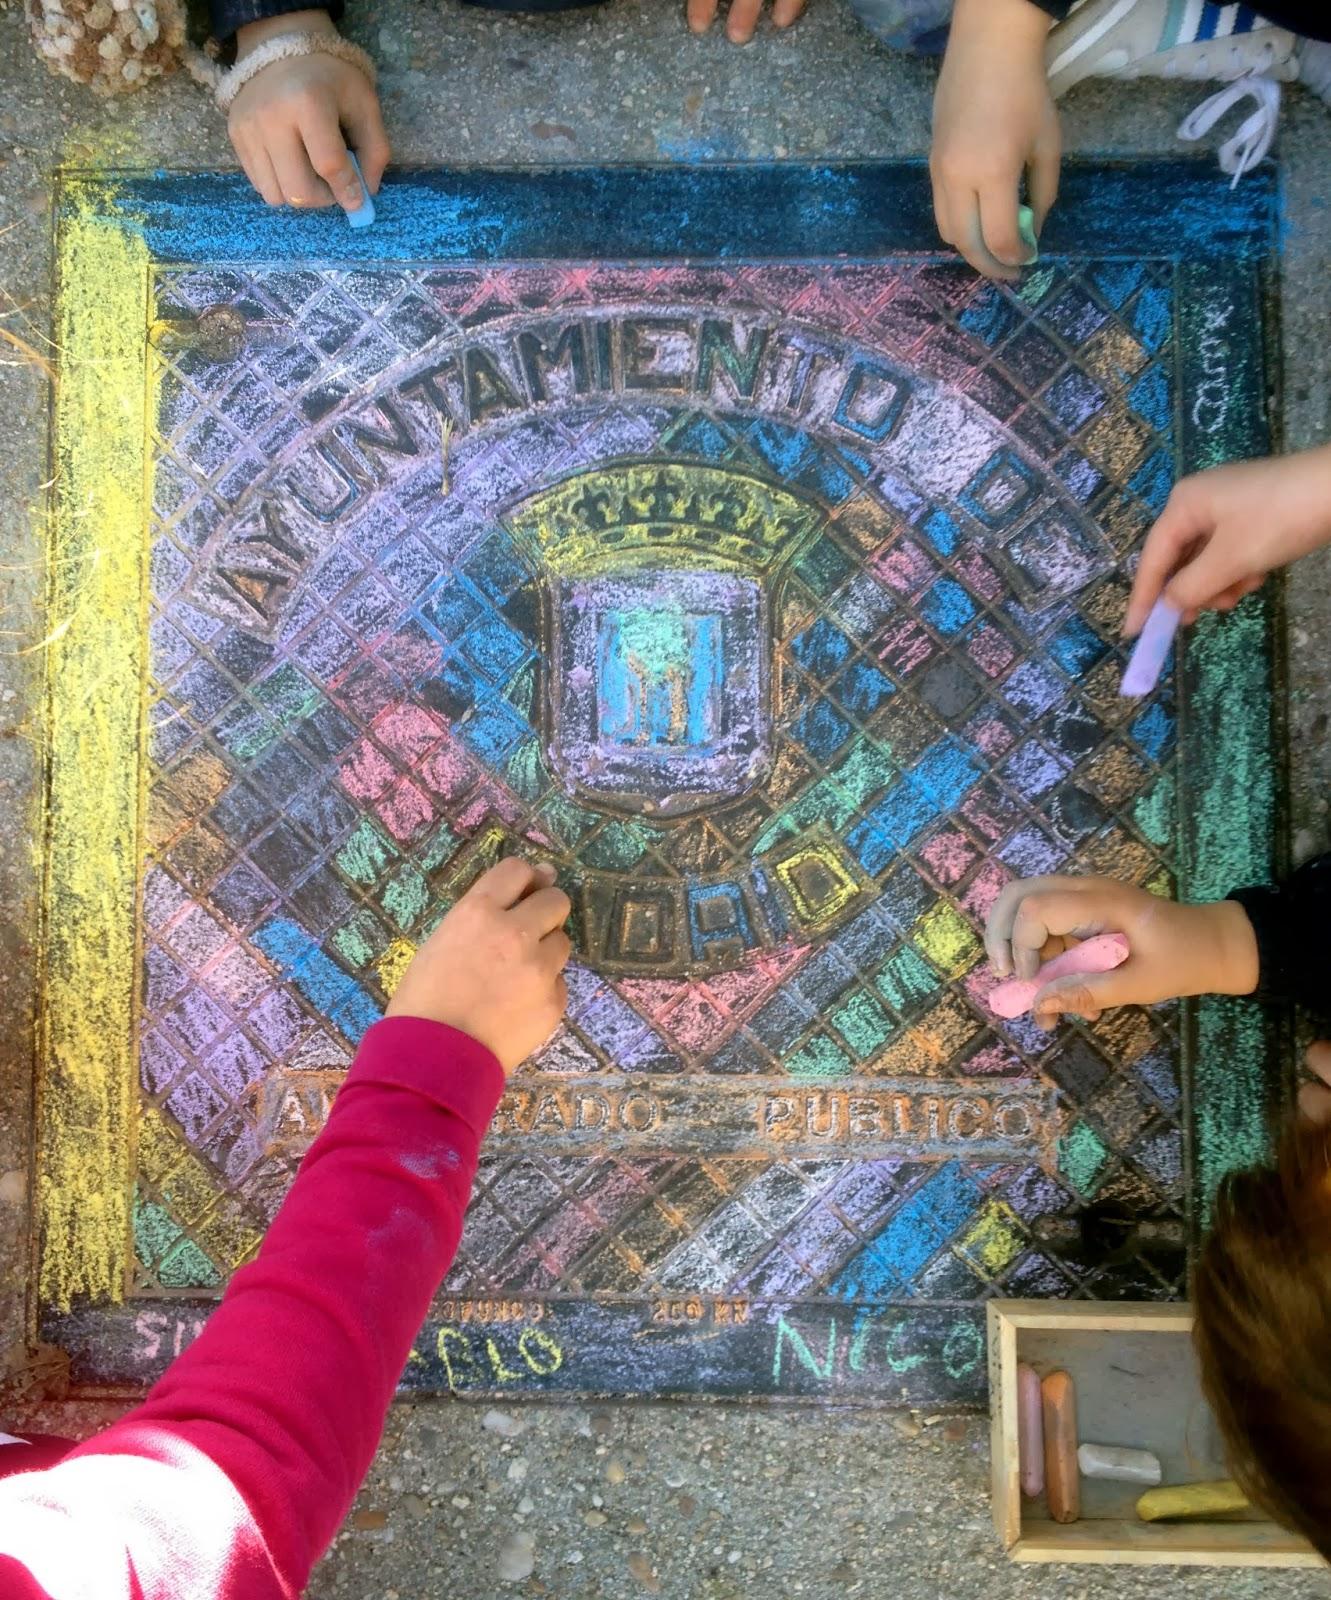 Trabajo colaborativo y creativo de niños